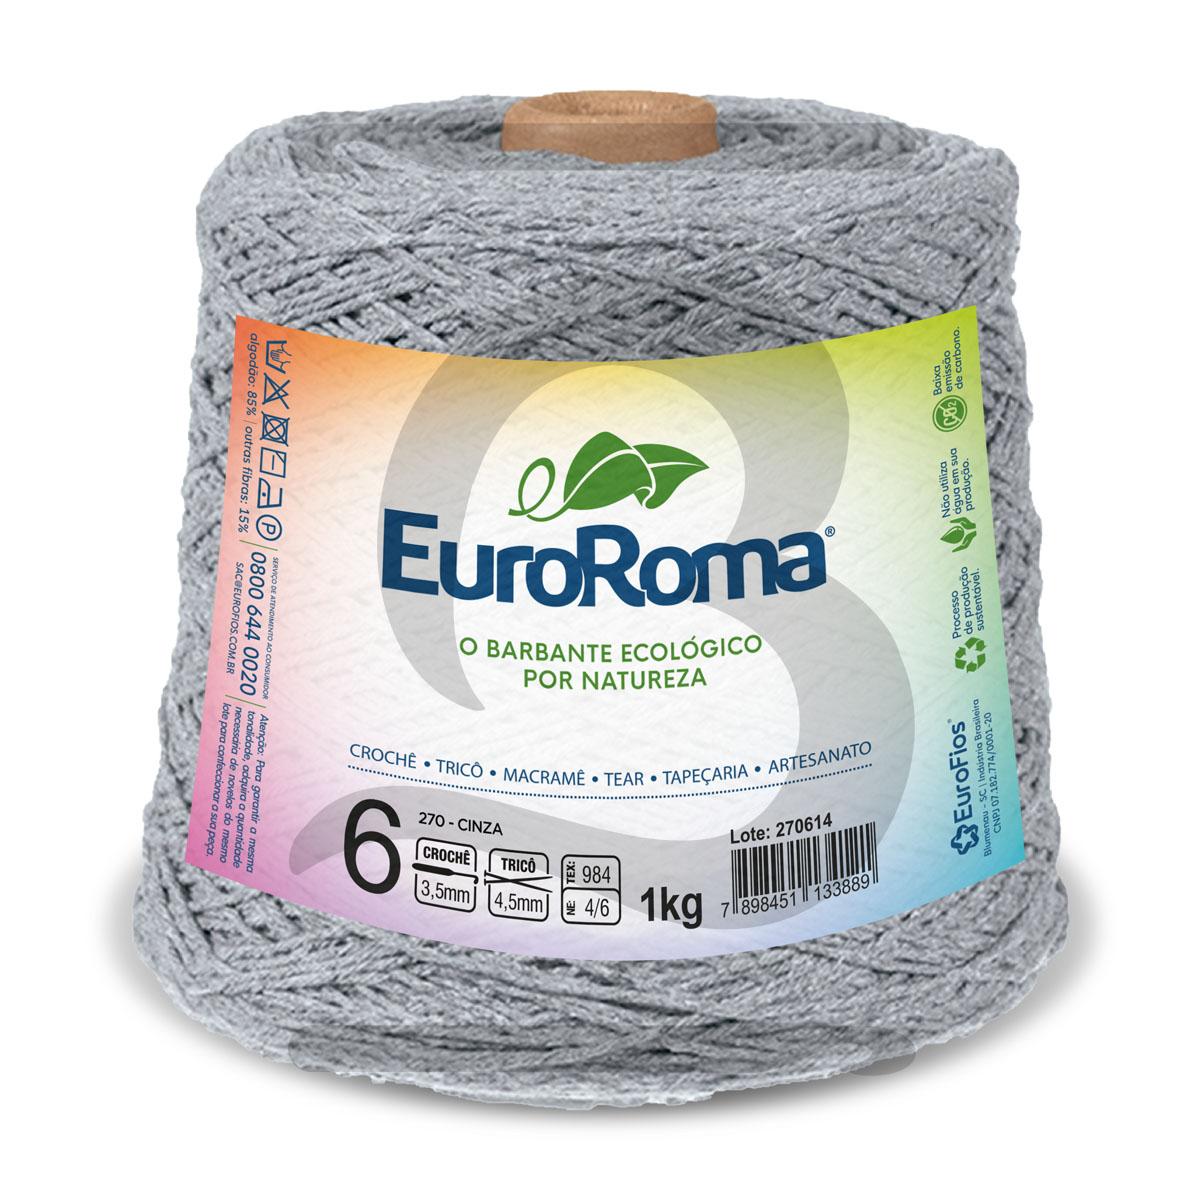 Barbante EuroRoma Colorido N°6 - 1kg Cor 270 Cinza